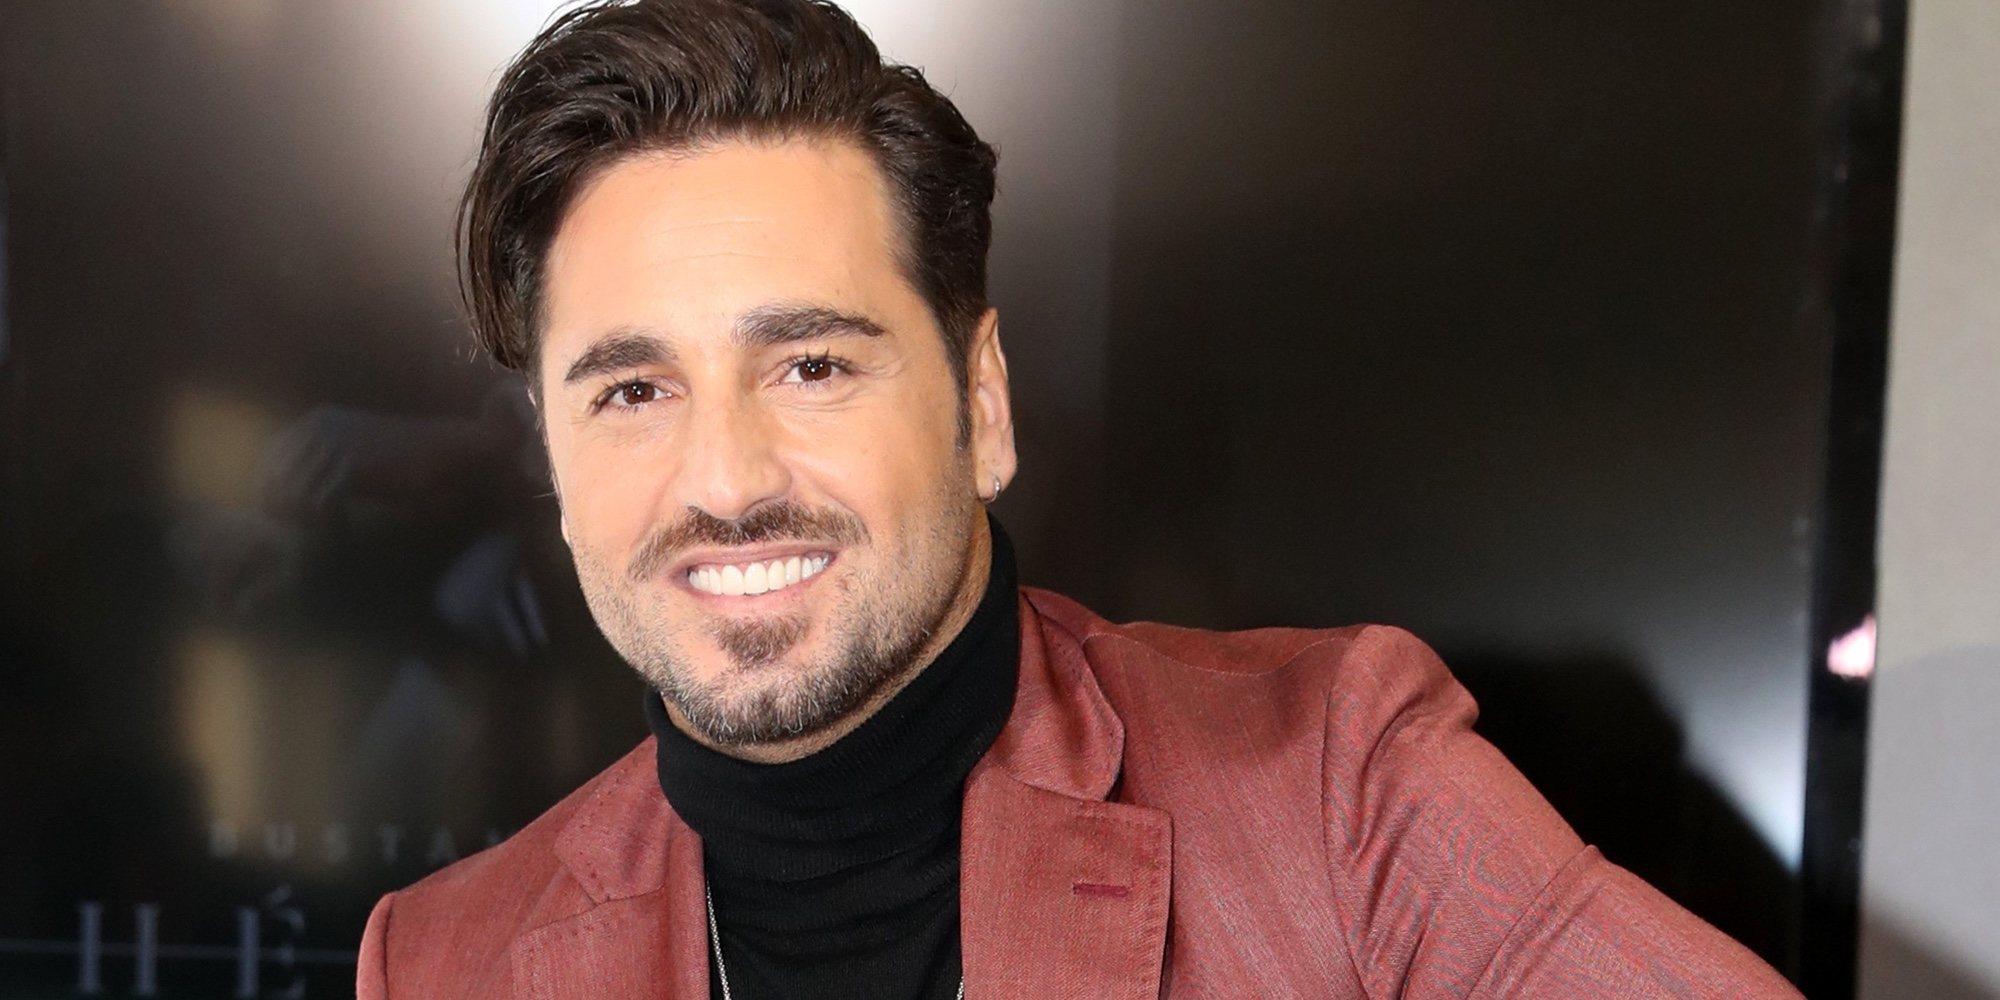 David Bustamante se sincera como nunca sobre su relación con Yana Olina y con su exmujer Paula Echevarría